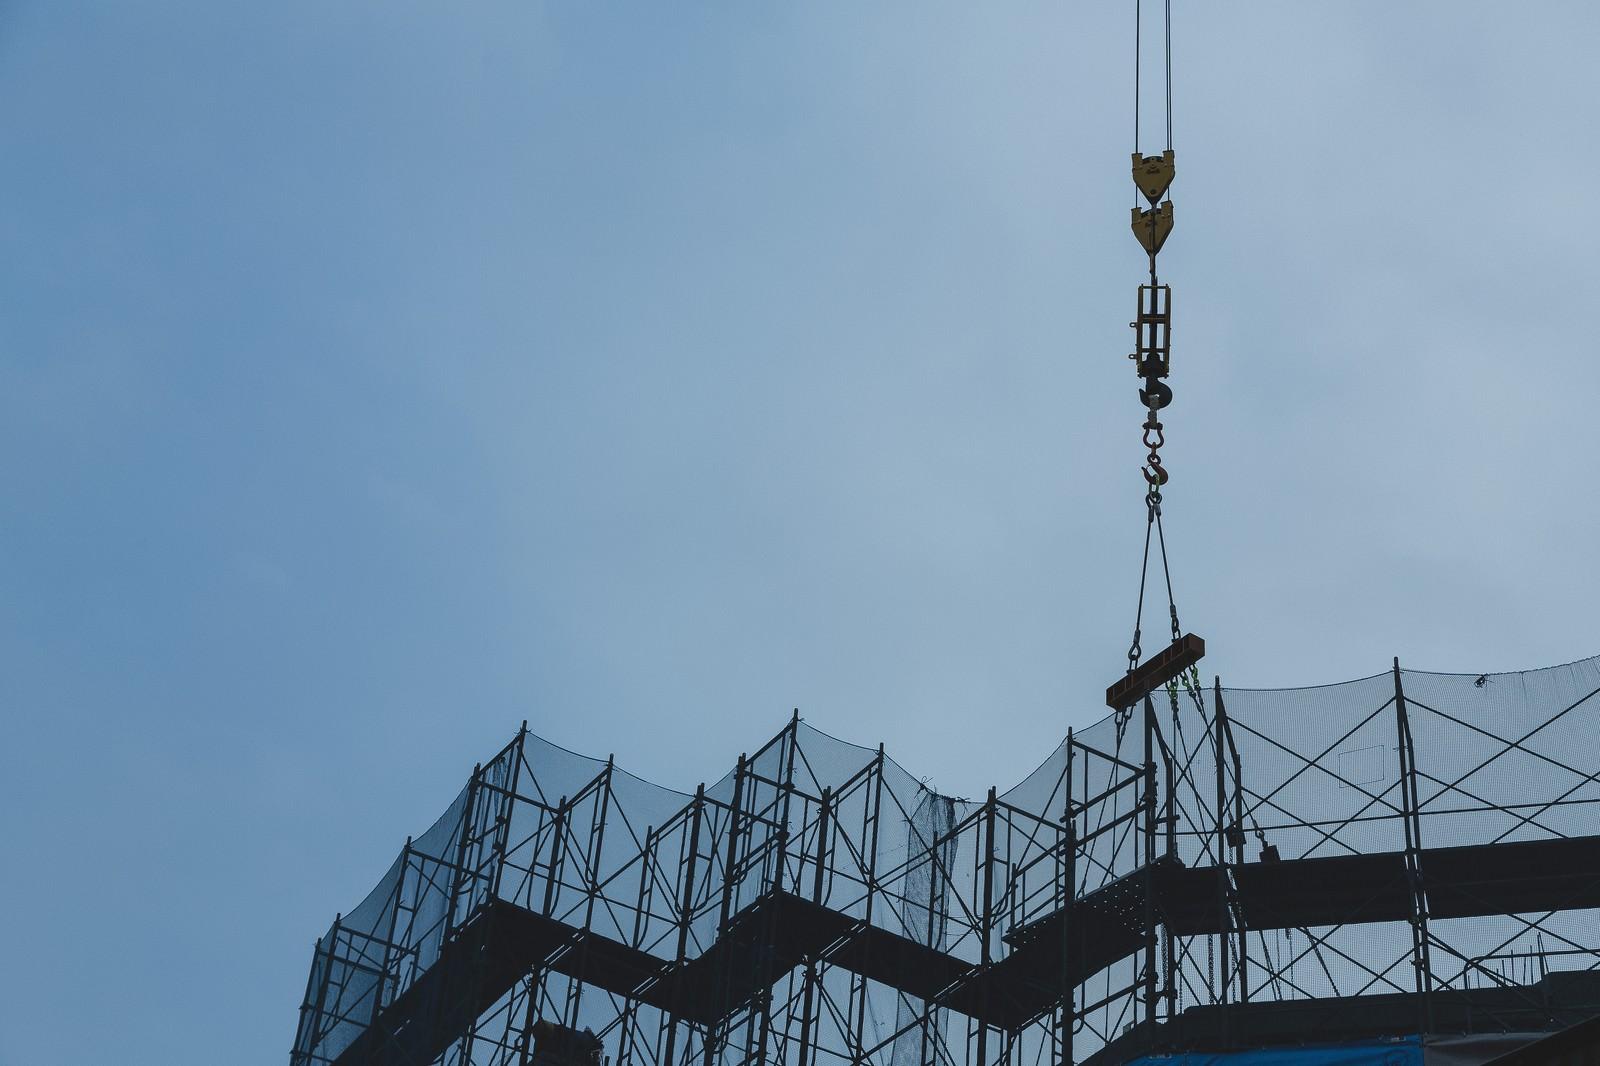 「建設現場の玉掛け」の写真